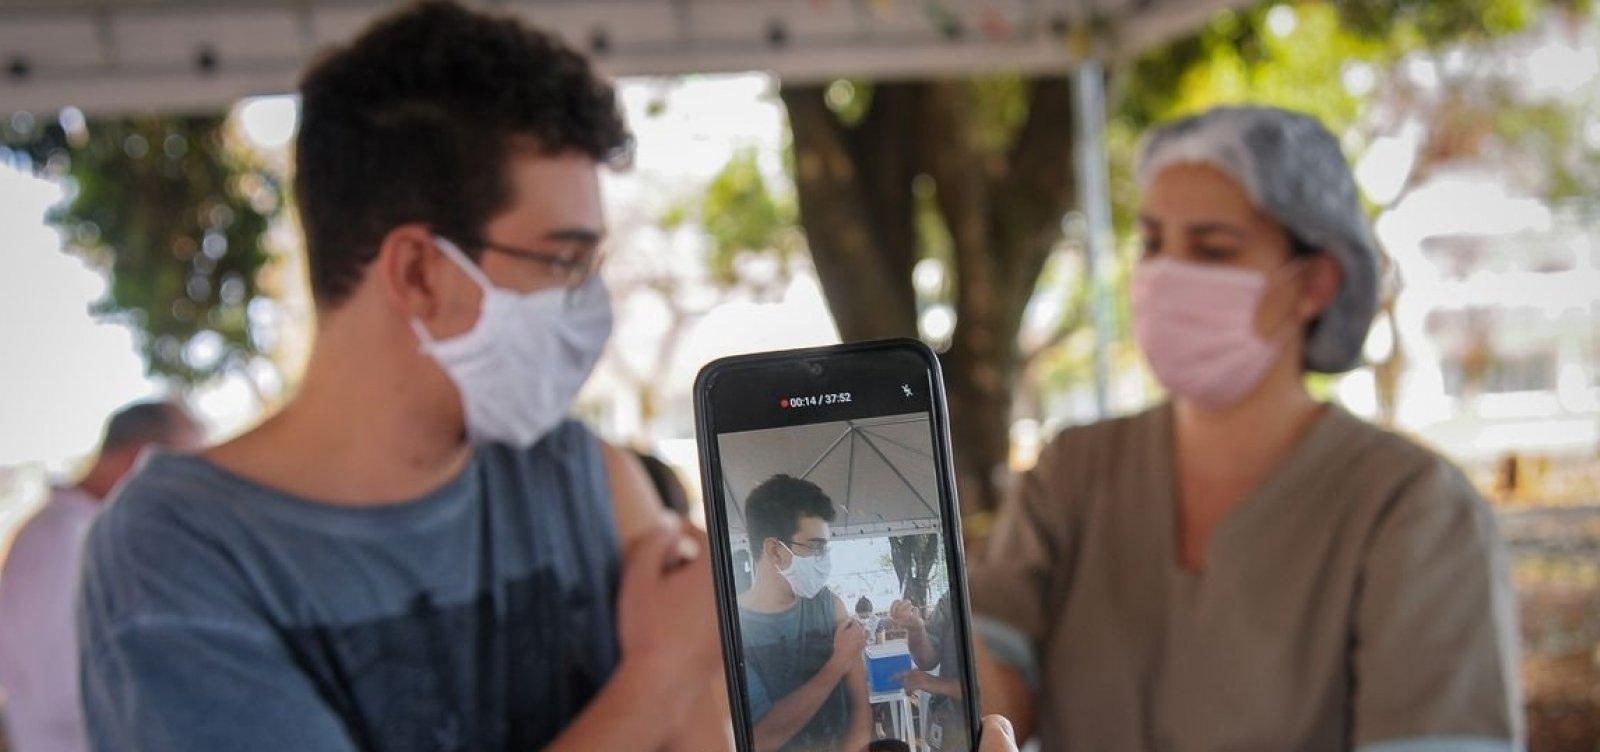 Anvisa mantém orientação sobre vacinação de adolescentes e contraria suspensão determinada pelo MS